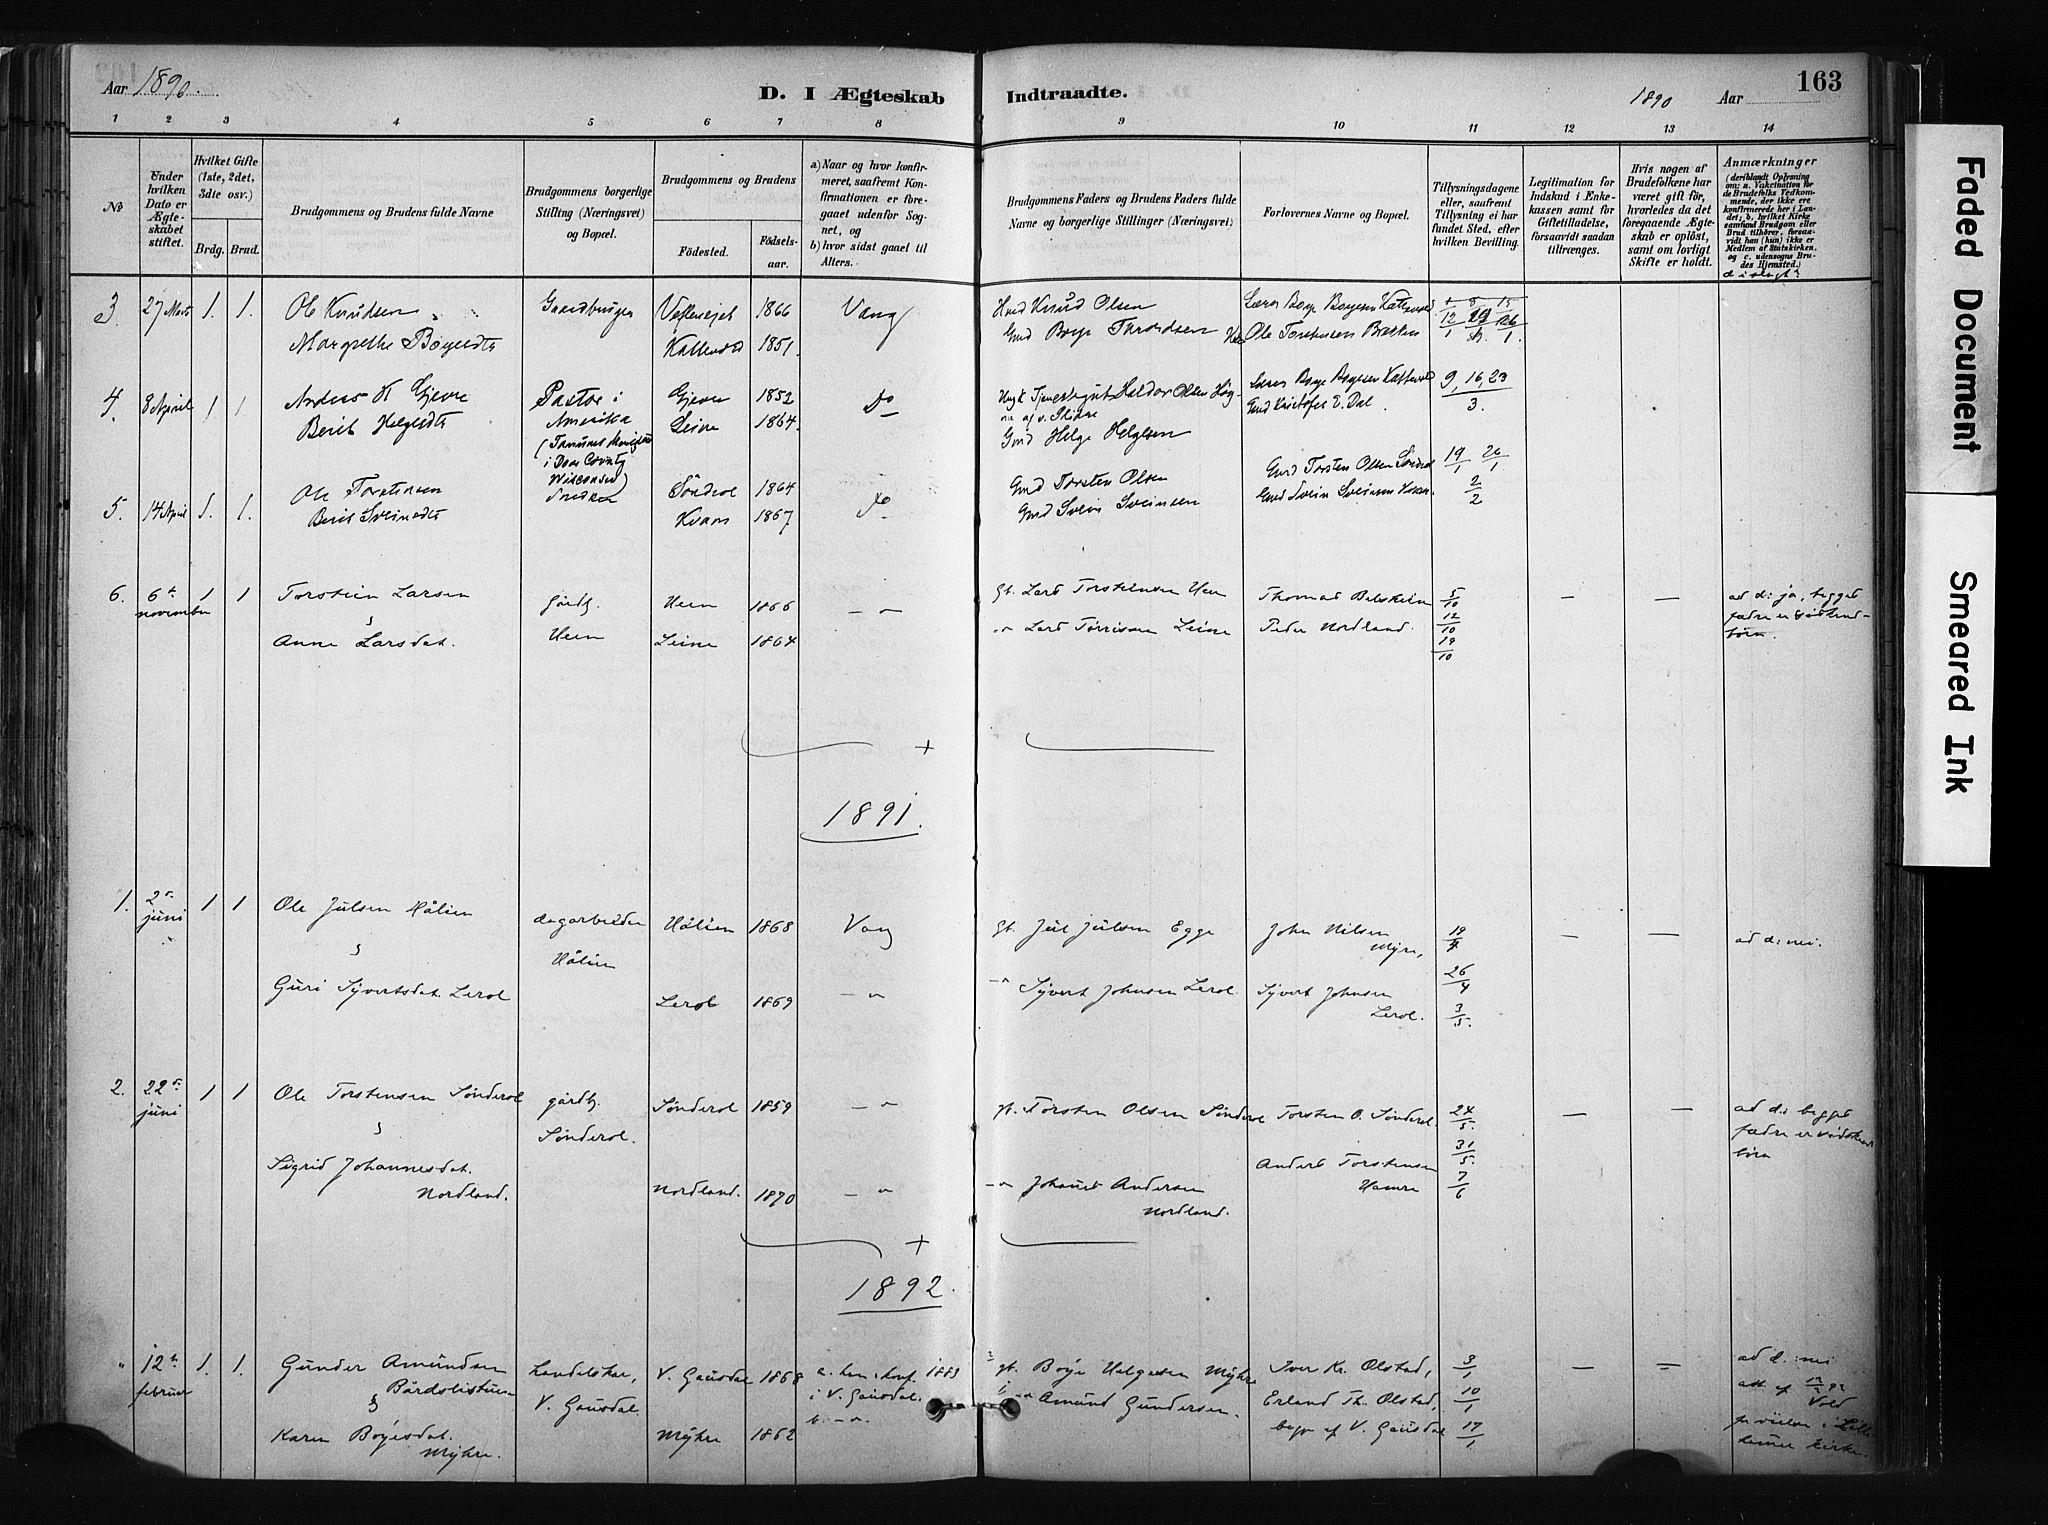 SAH, Vang prestekontor, Valdres, Ministerialbok nr. 8, 1882-1910, s. 163